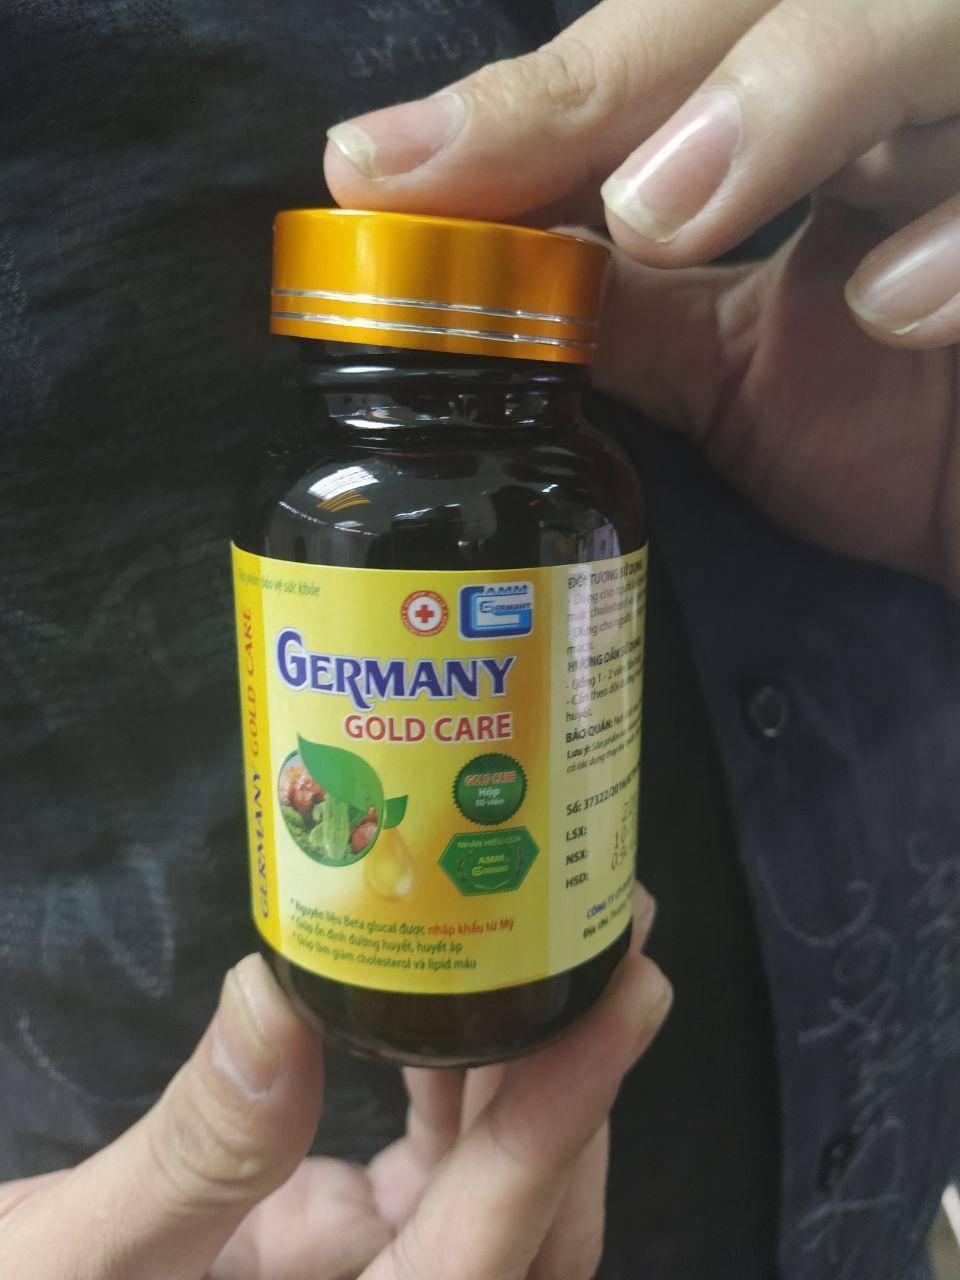 Germany Gold Care (Джермани Голд Кер) - капсулы от гипертонии